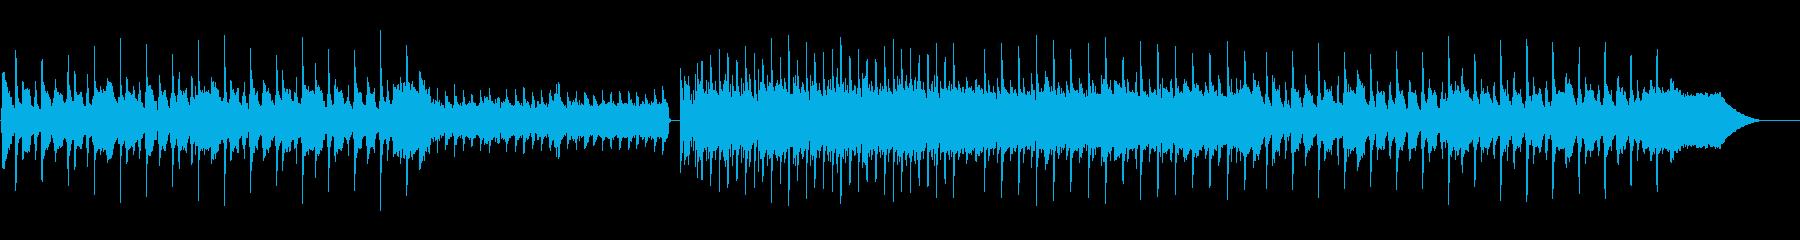 恐怖を煽るメタル系BGMの再生済みの波形